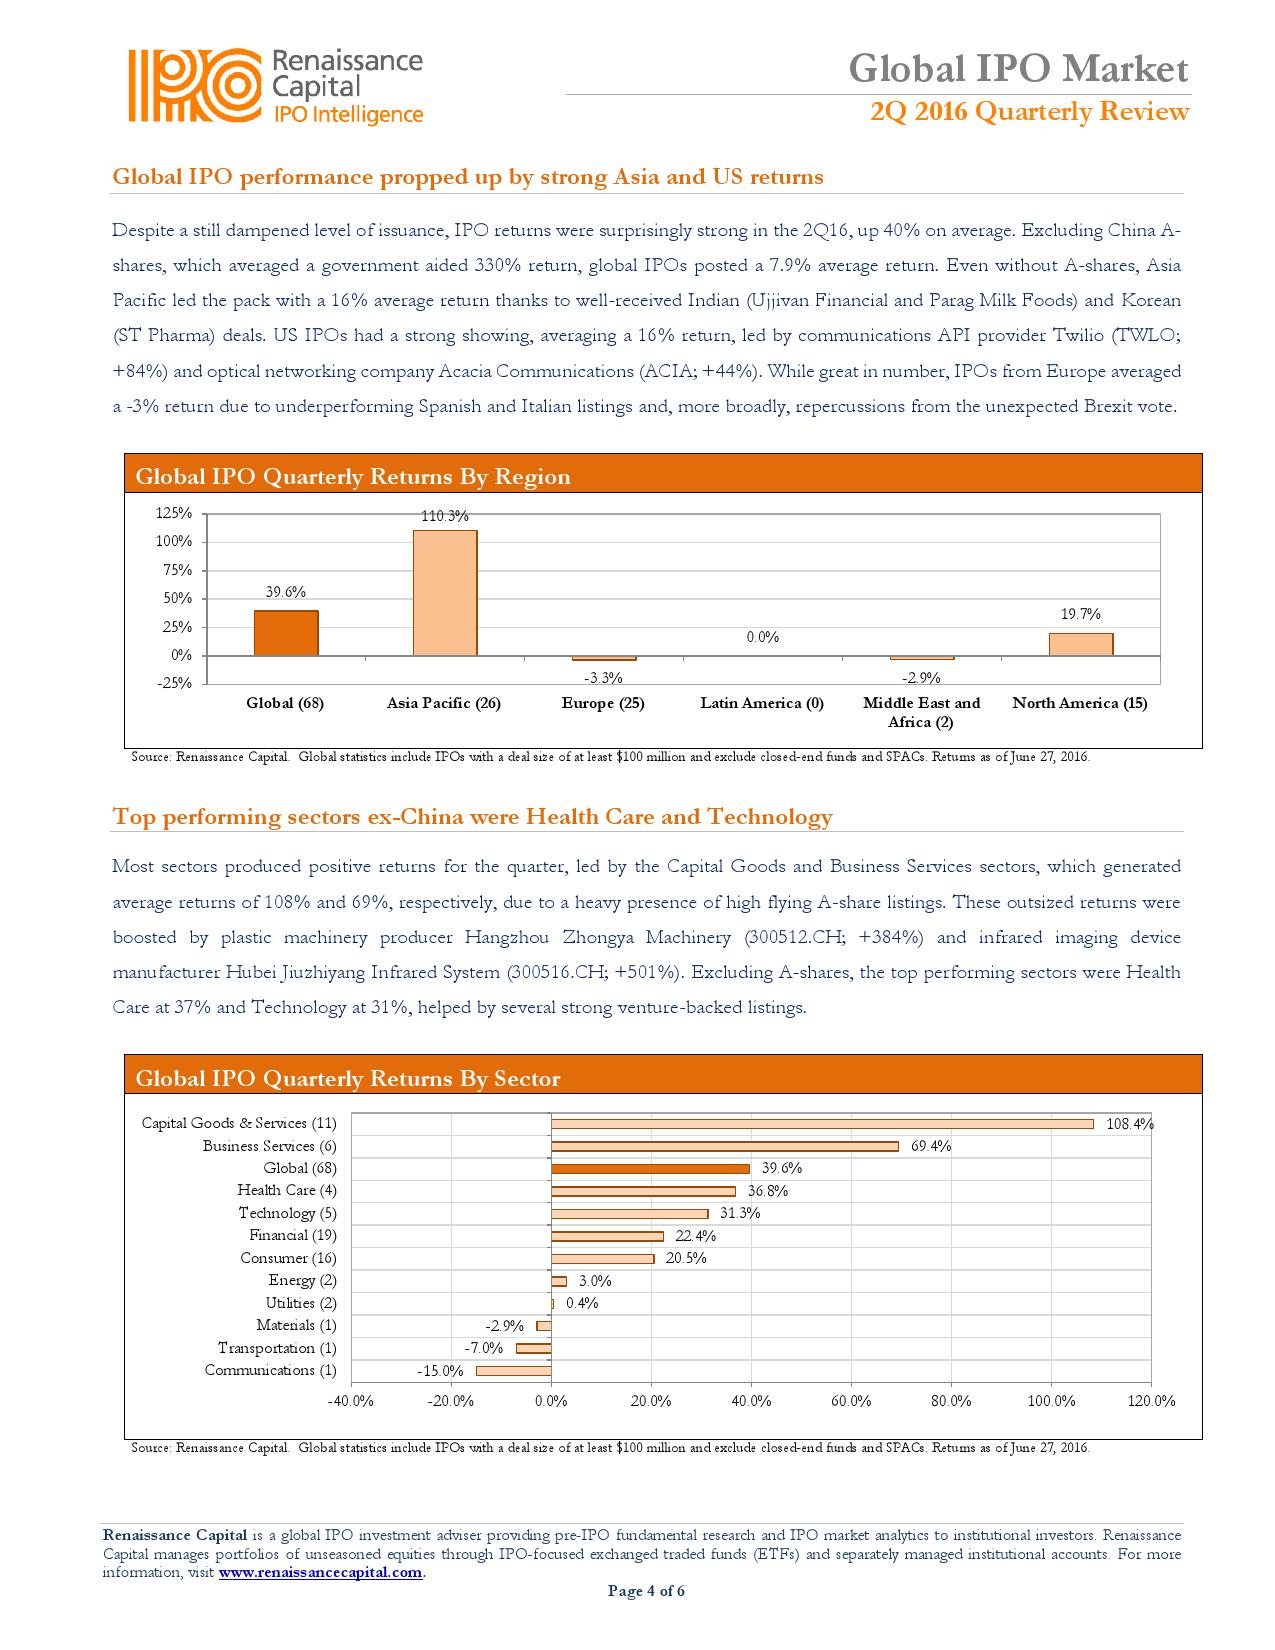 2016年Q2全球IPO融资报告_000004